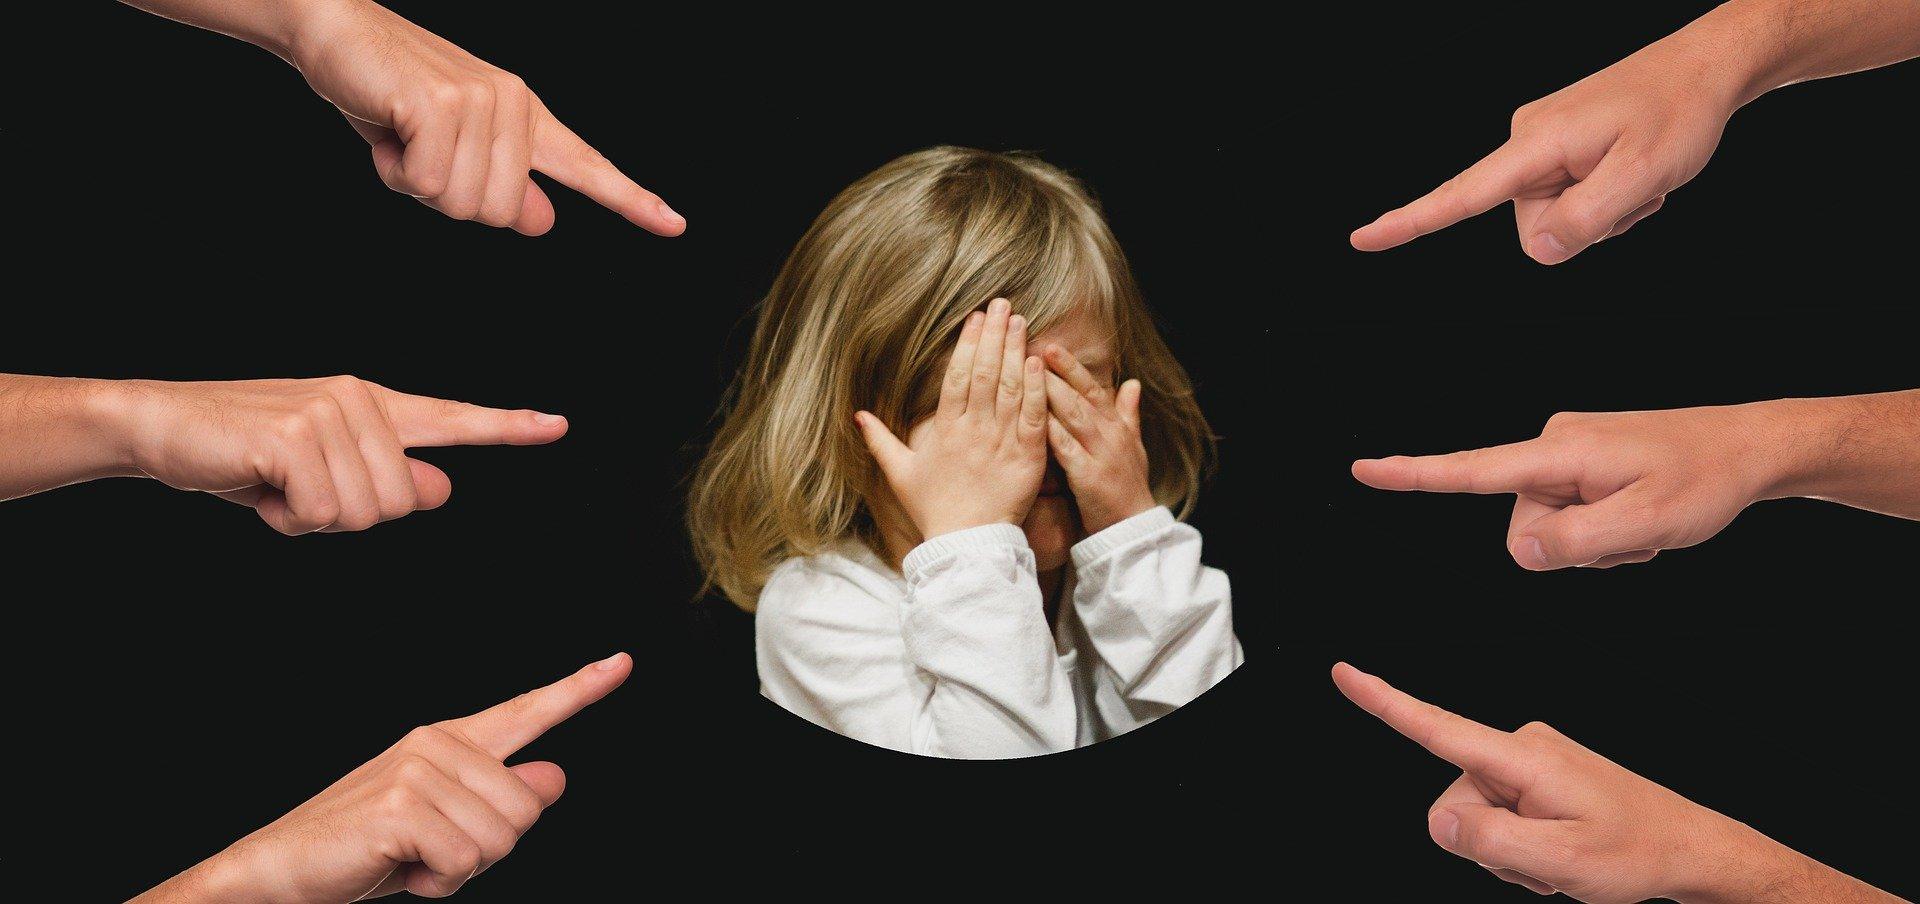 bullying-3089938_1920